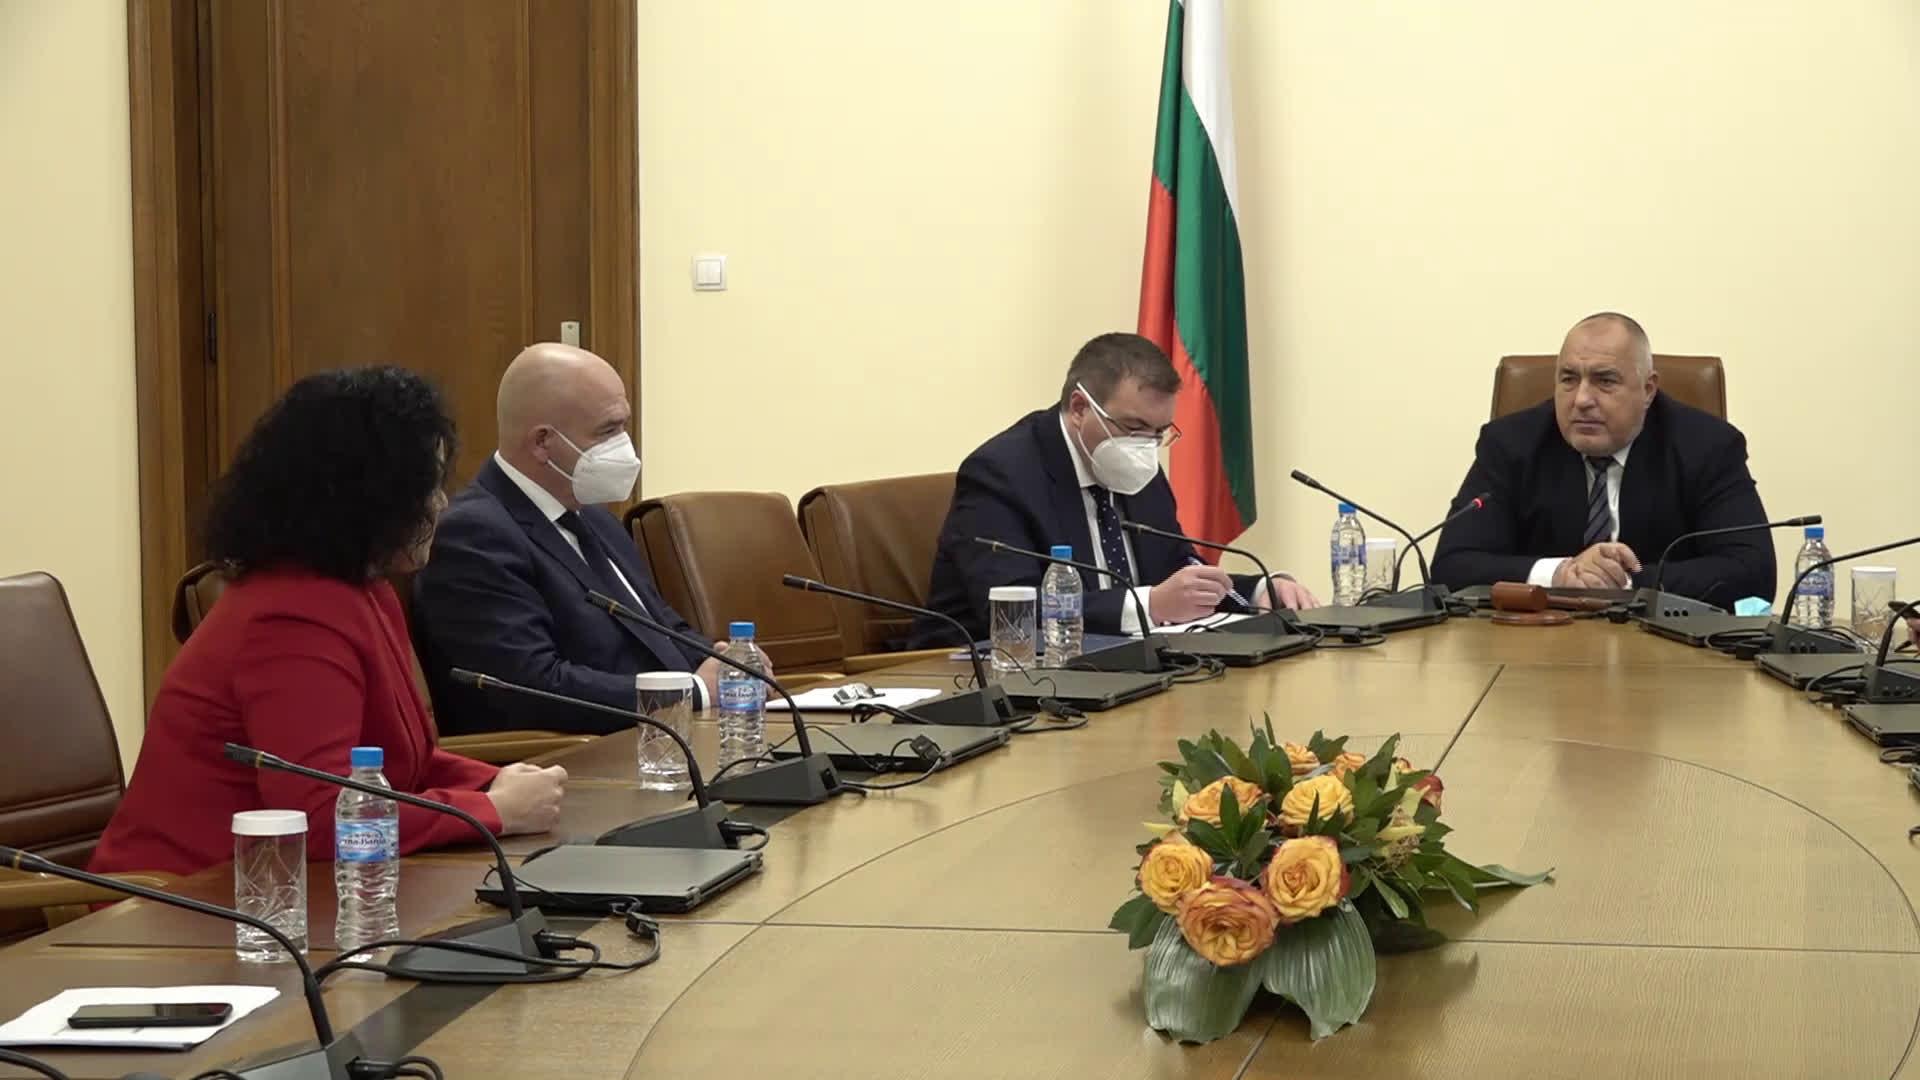 Борисов: Българското селско стопанство получи рекордна финансова подкрепа през 2020 г.